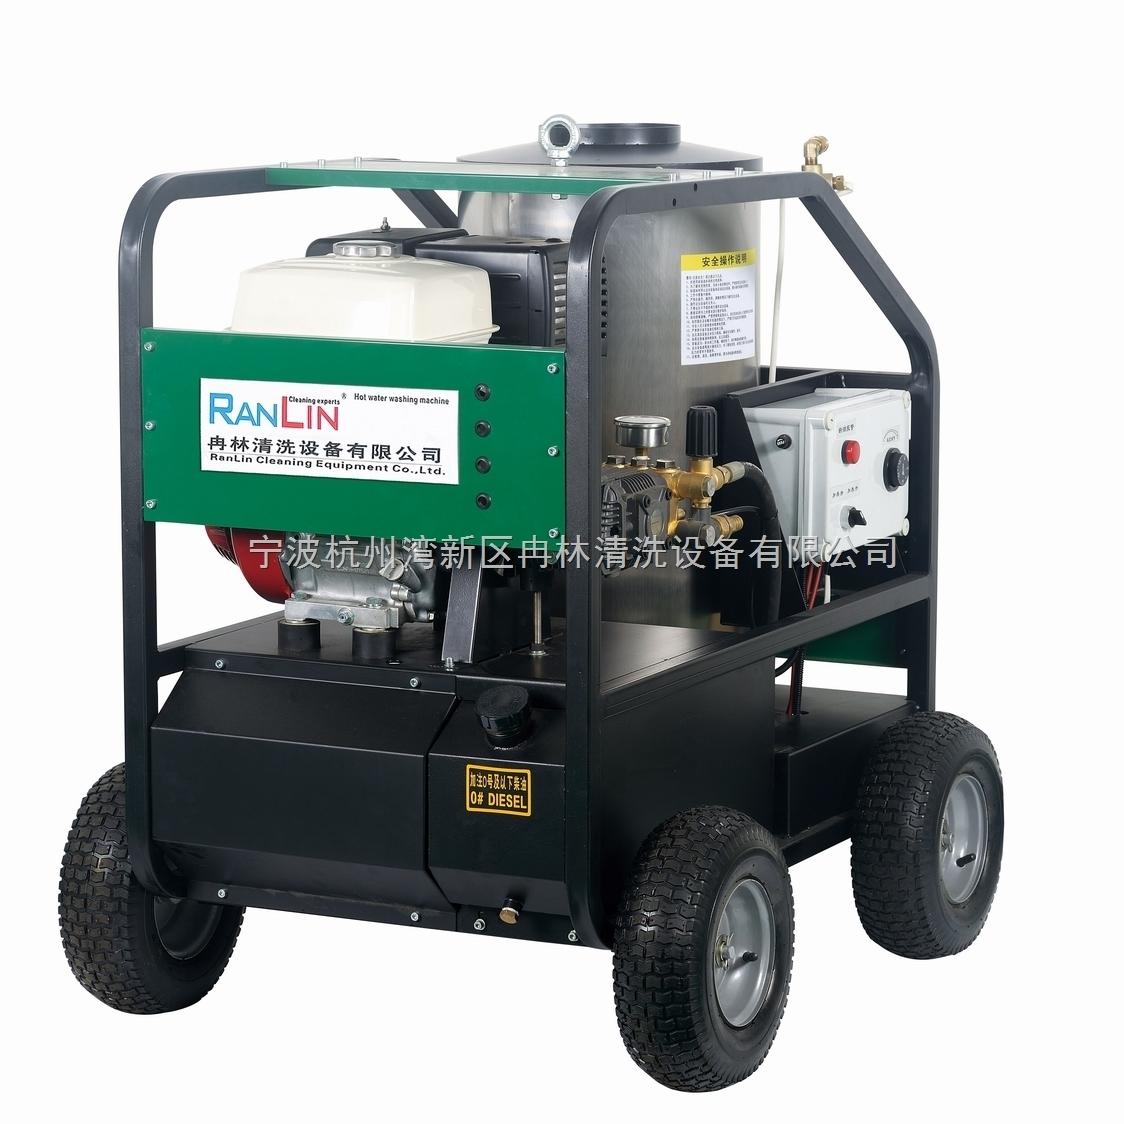 国产柴油机驱动热水高压清洗机